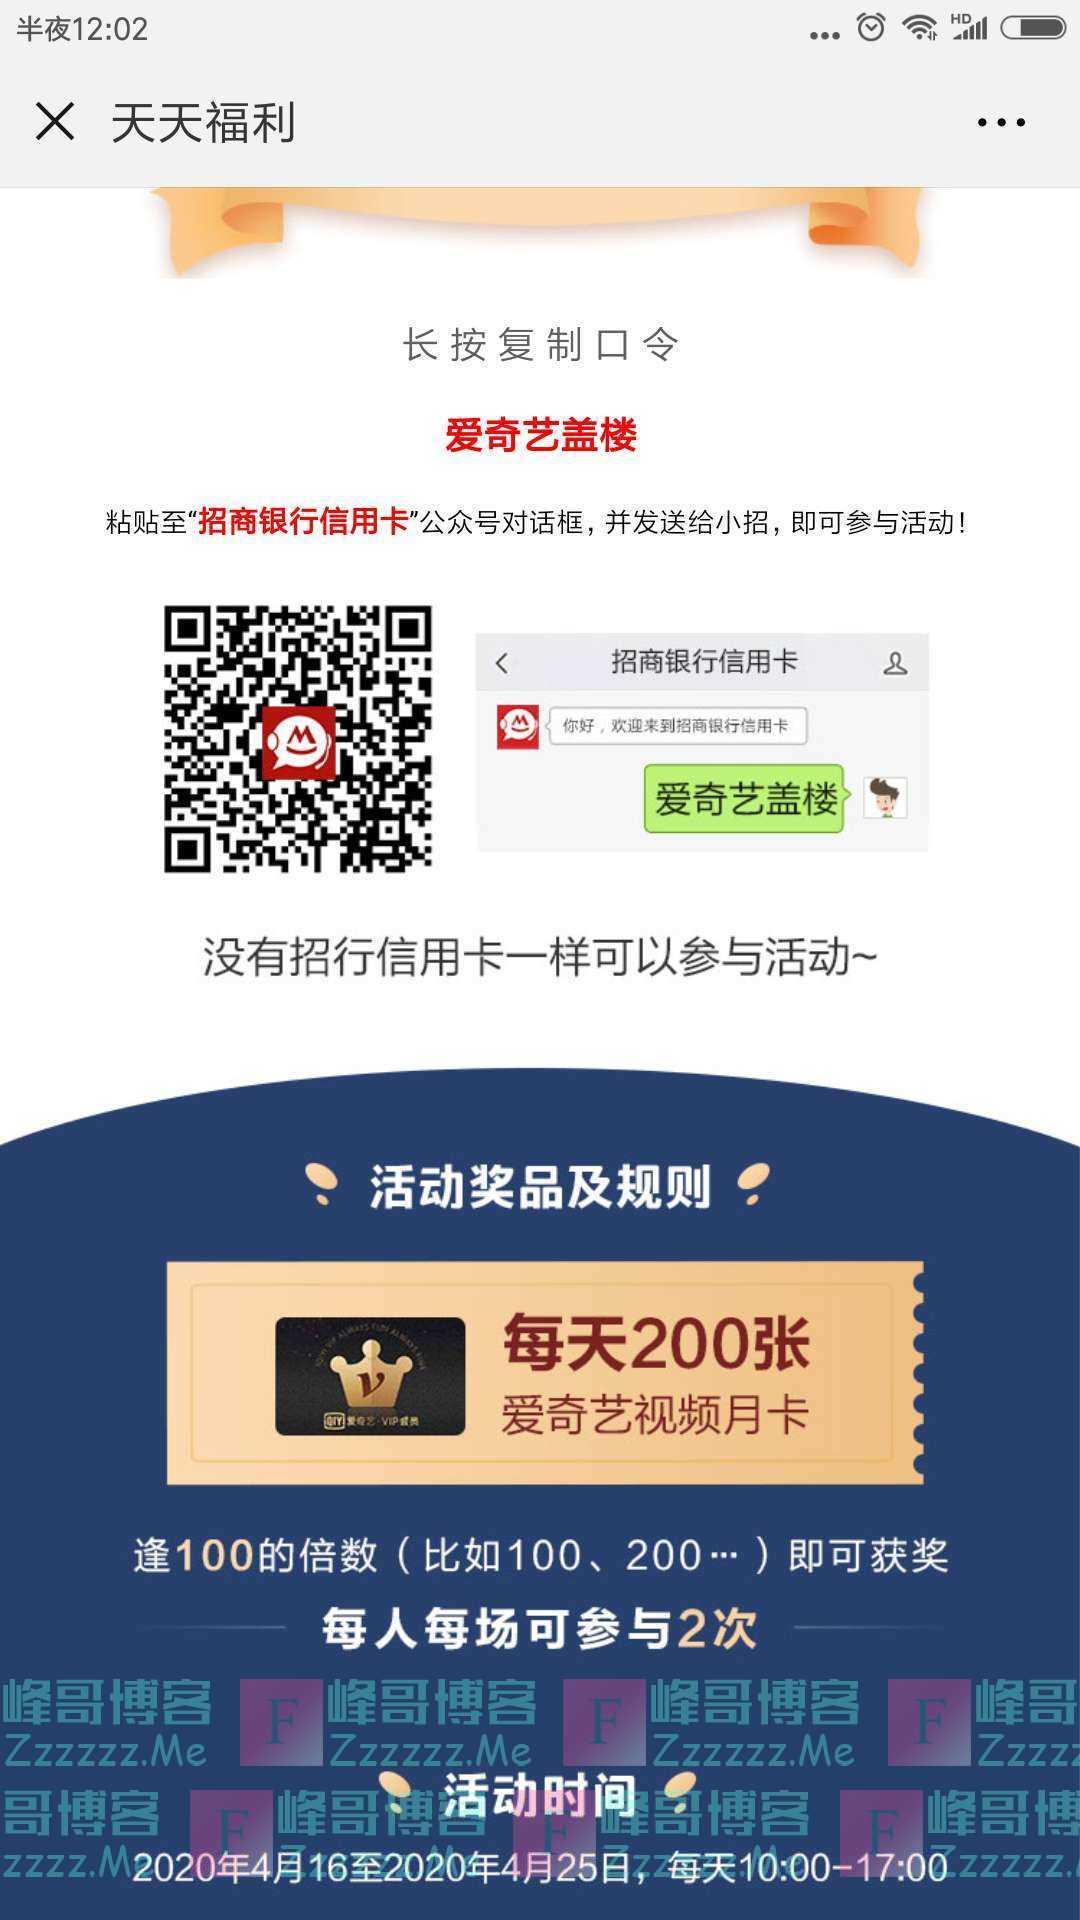 招行xing/用卡天天福利抽爱奇艺视频月卡(截止4月25日)